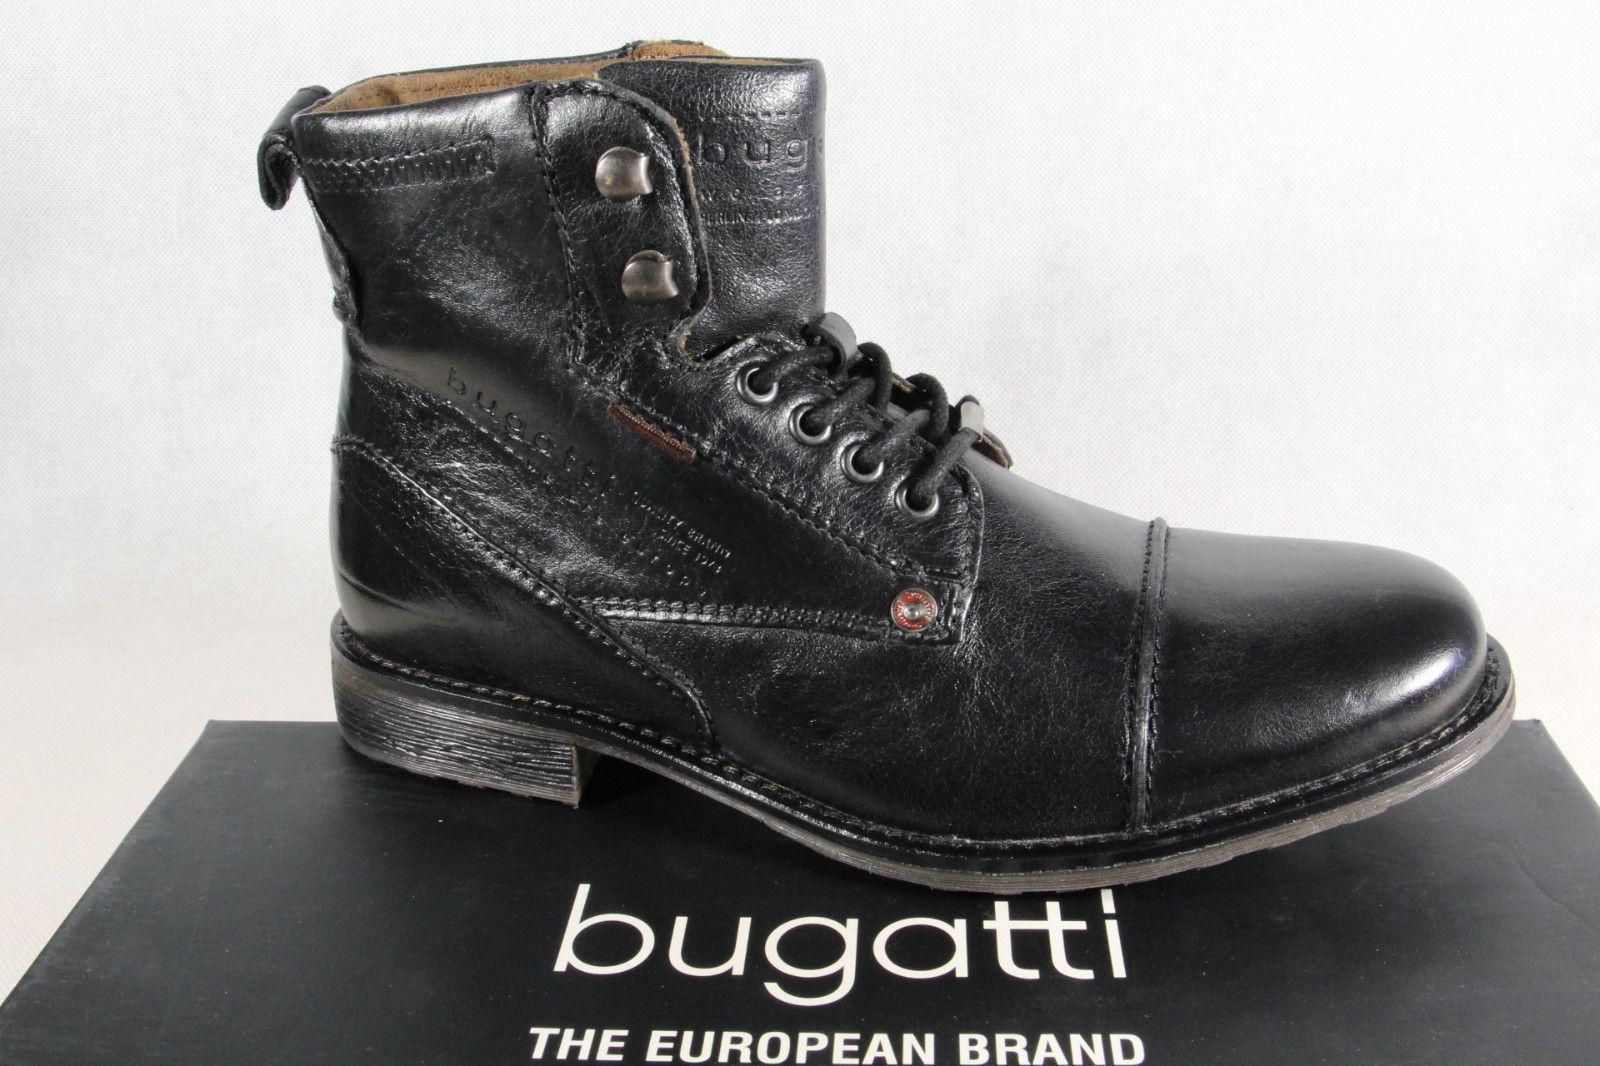 Bugatti Herren Stiefel Stiefel Schnürschuhe Schnürstiefel schwarz Leder NEU